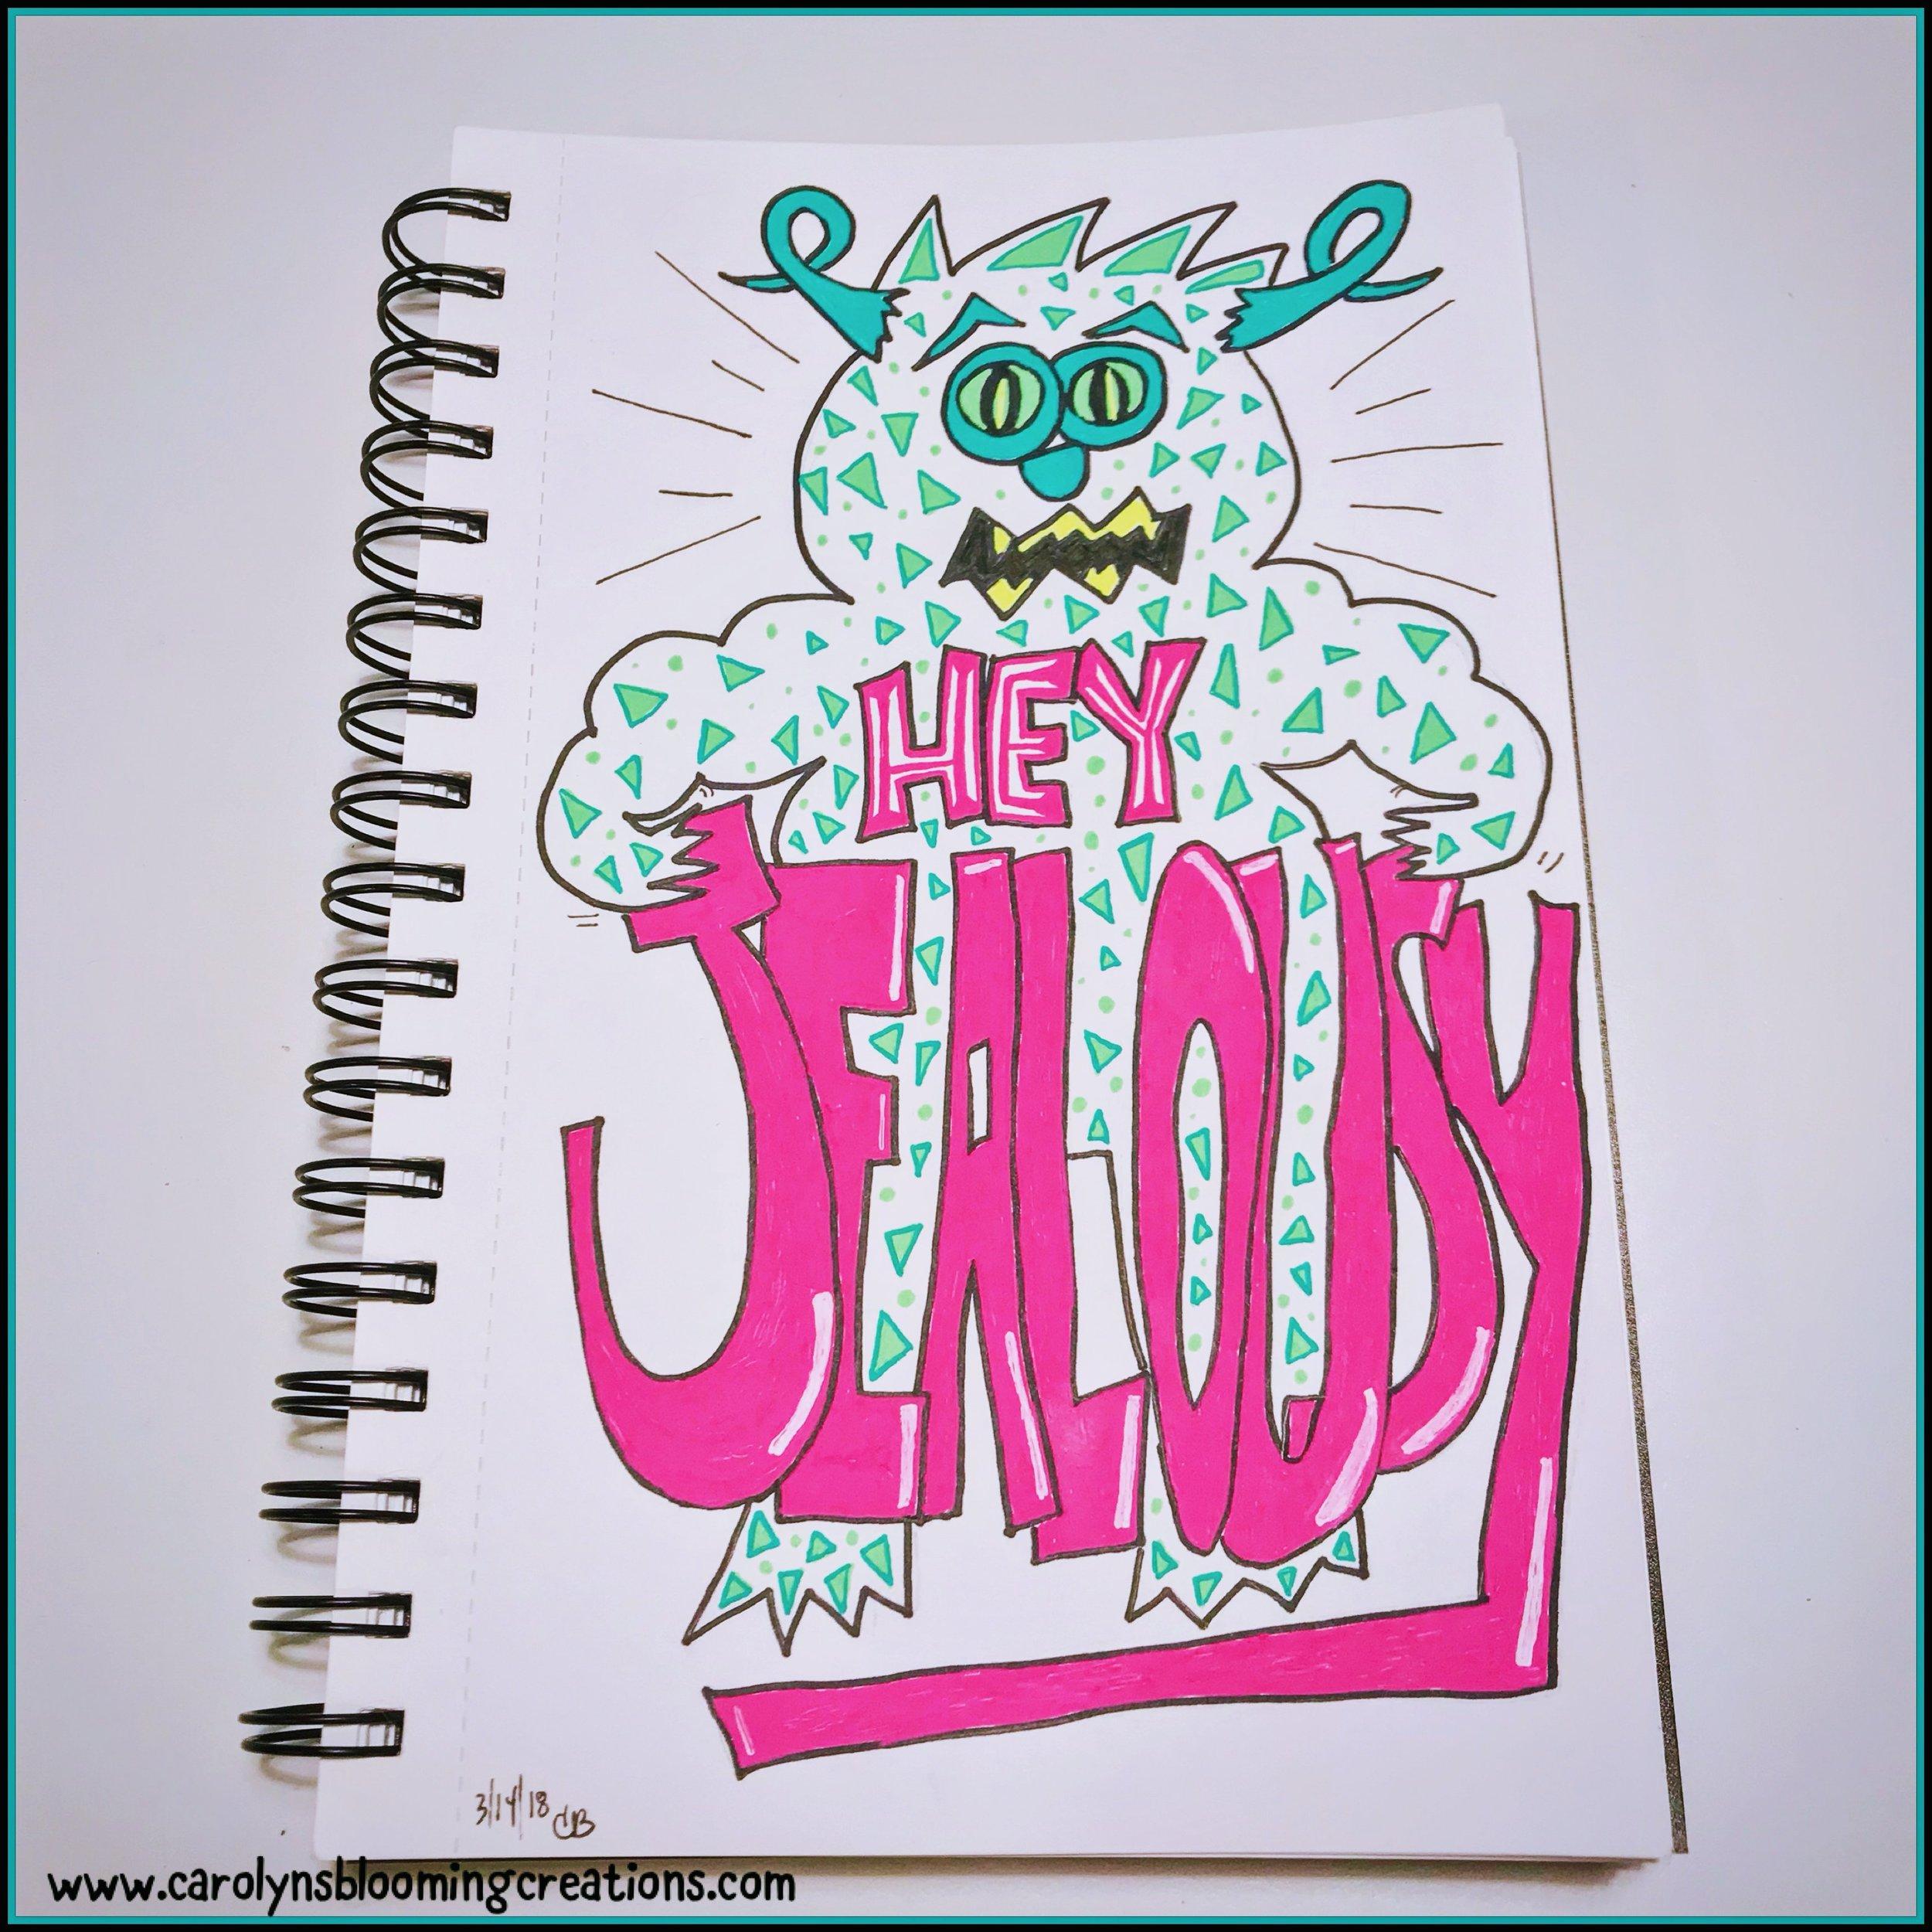 Art by Carolyn J. Braden: Hey Jealousy